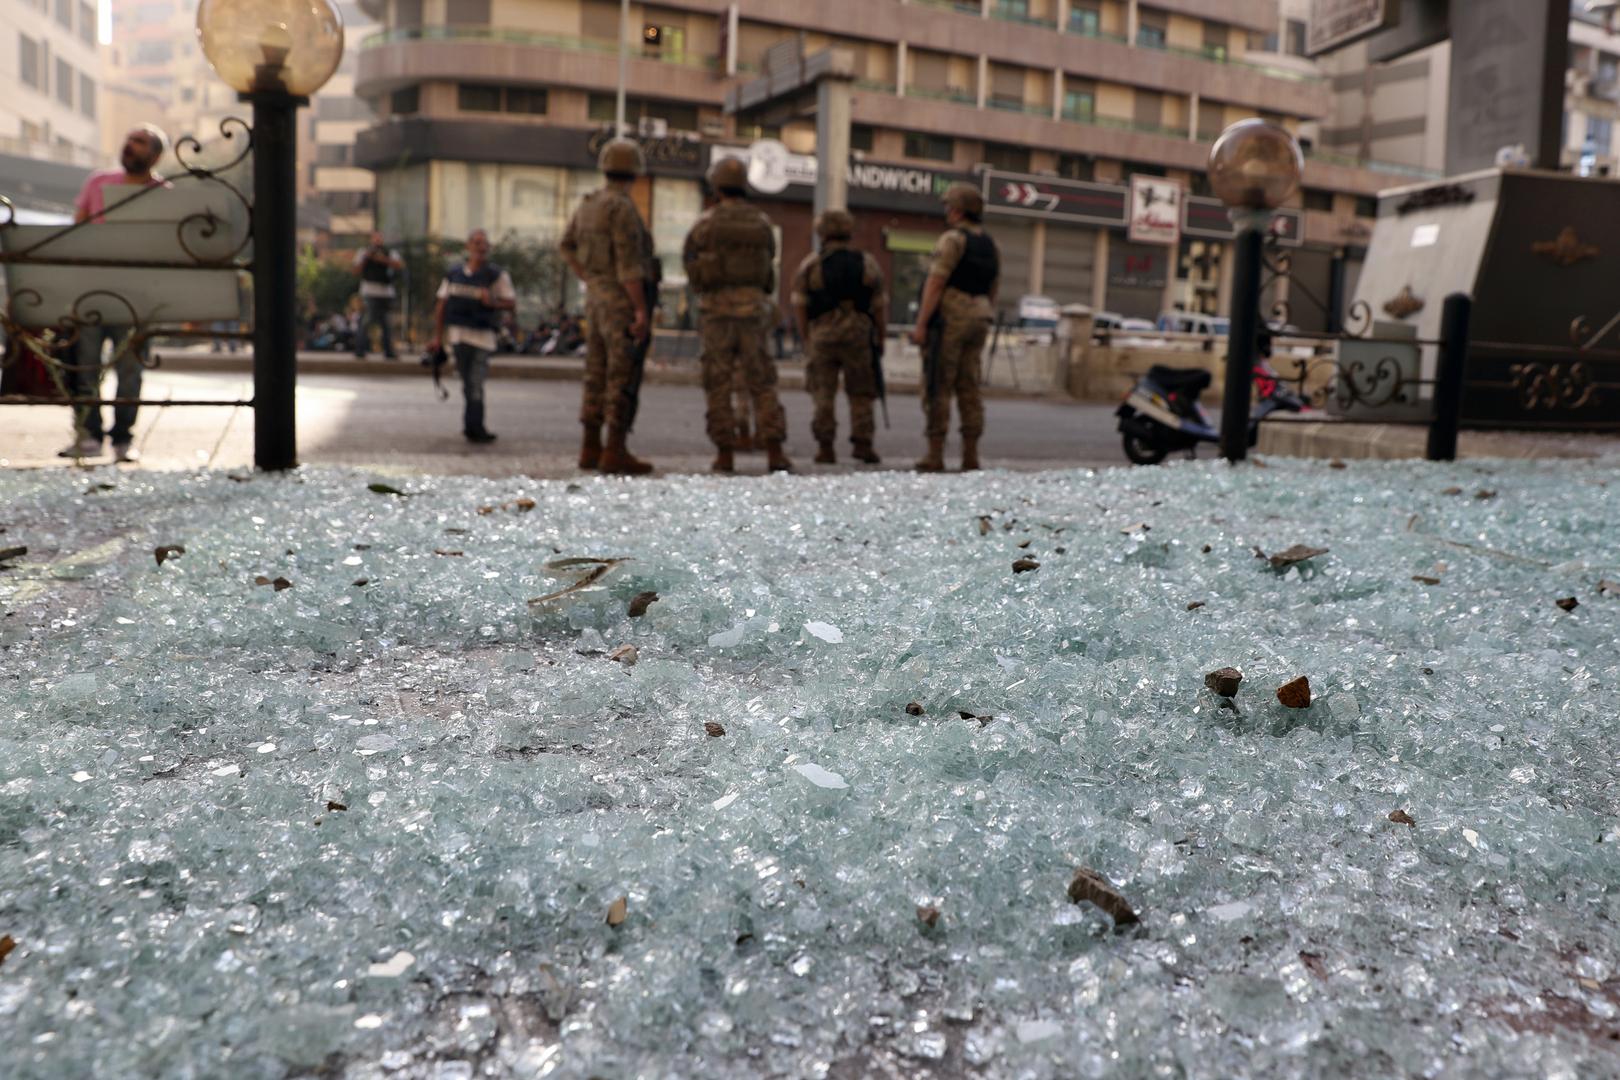 قتلى وجرحى باشتباكات في بيروت على خلفية احتجاج لحزب الله و